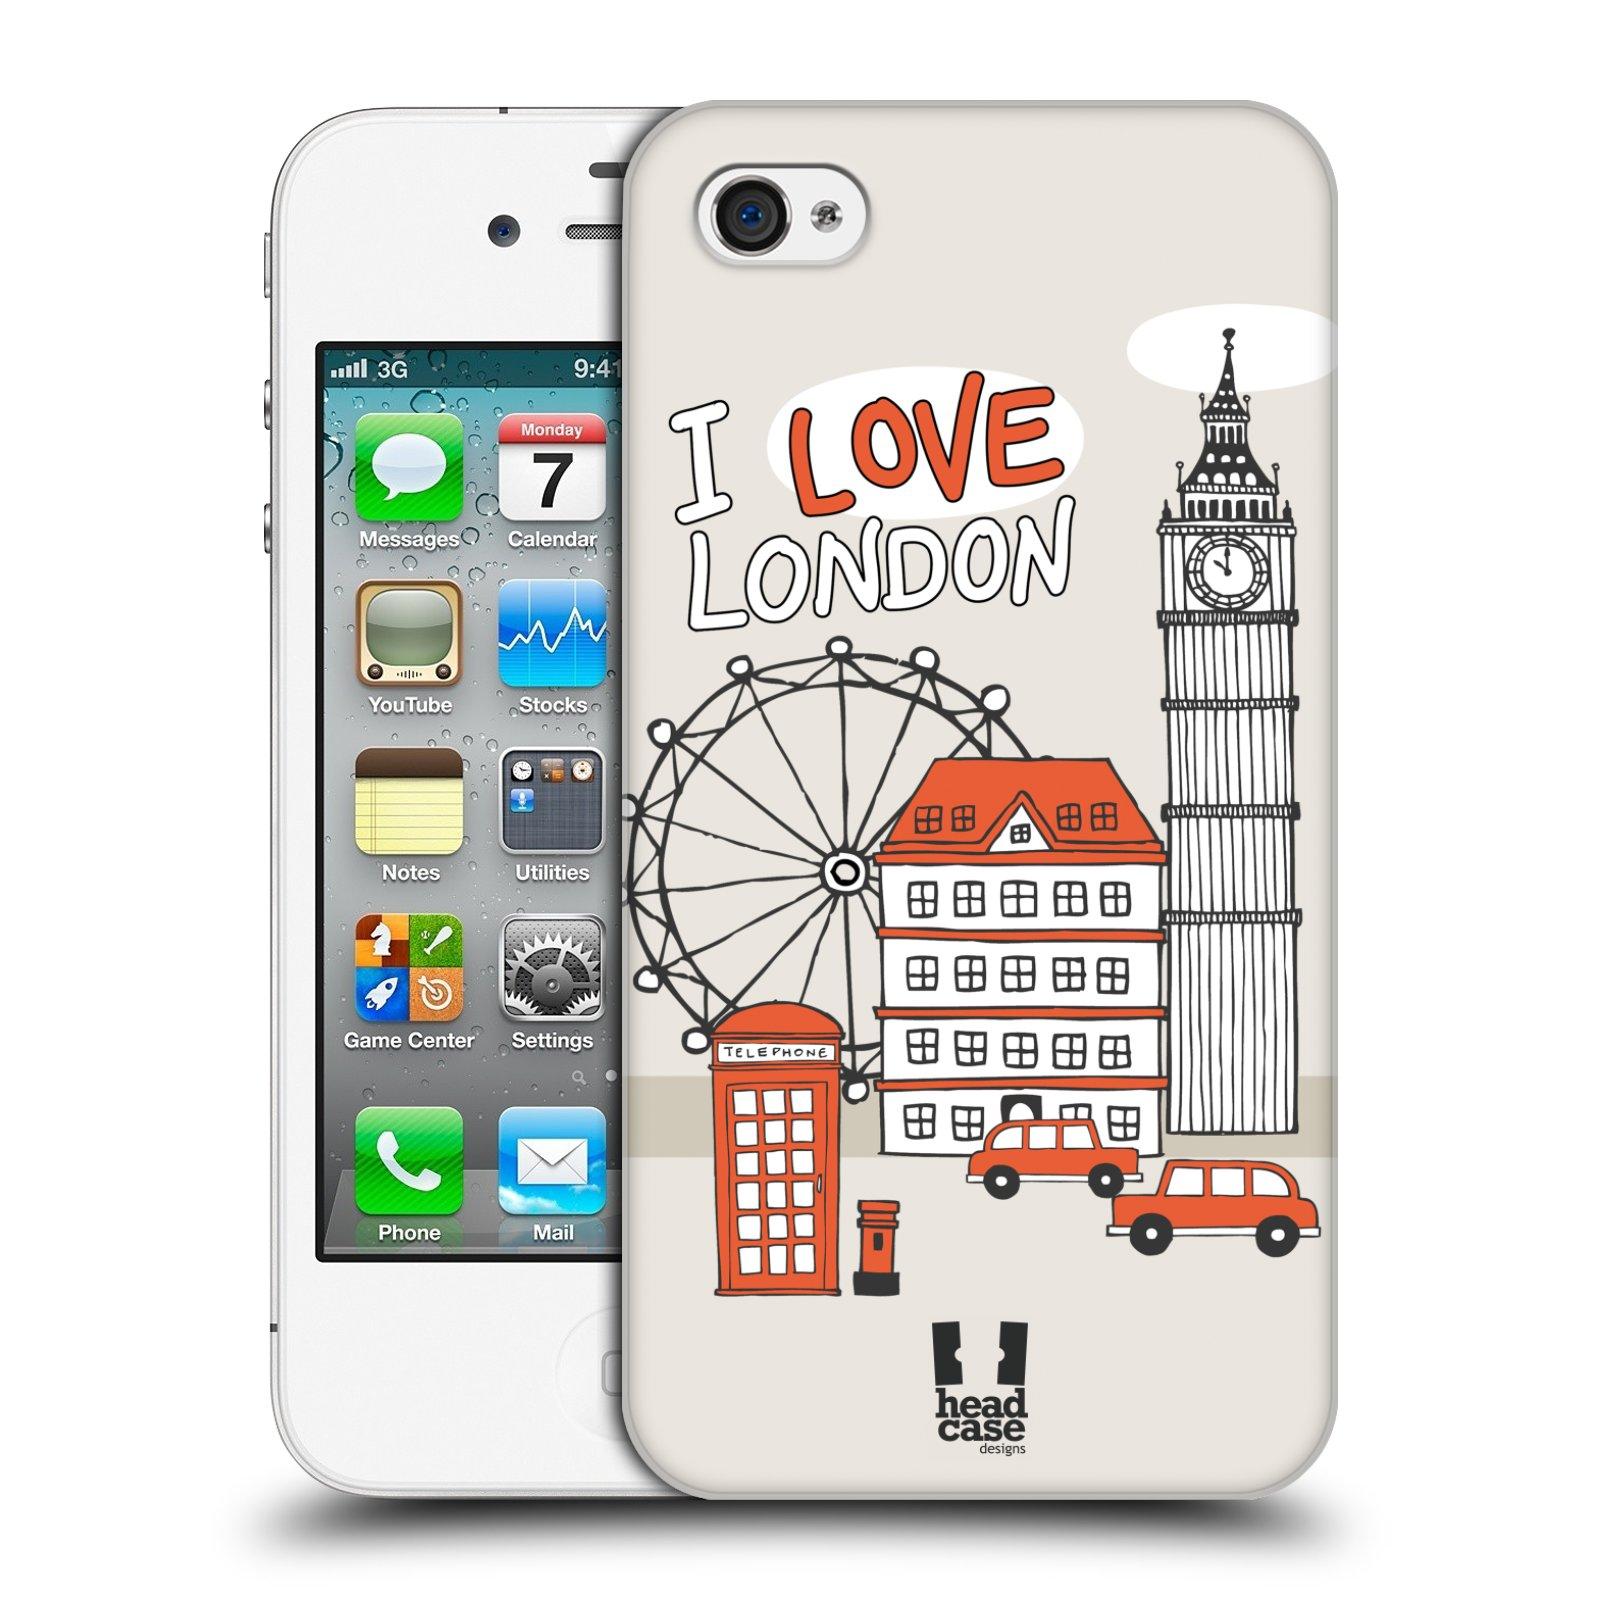 HEAD CASE plastový obal na mobil Apple Iphone 4/4S vzor Kreslená městečka ČERVENÁ, Anglie, Londýn, I LOVE LONDON